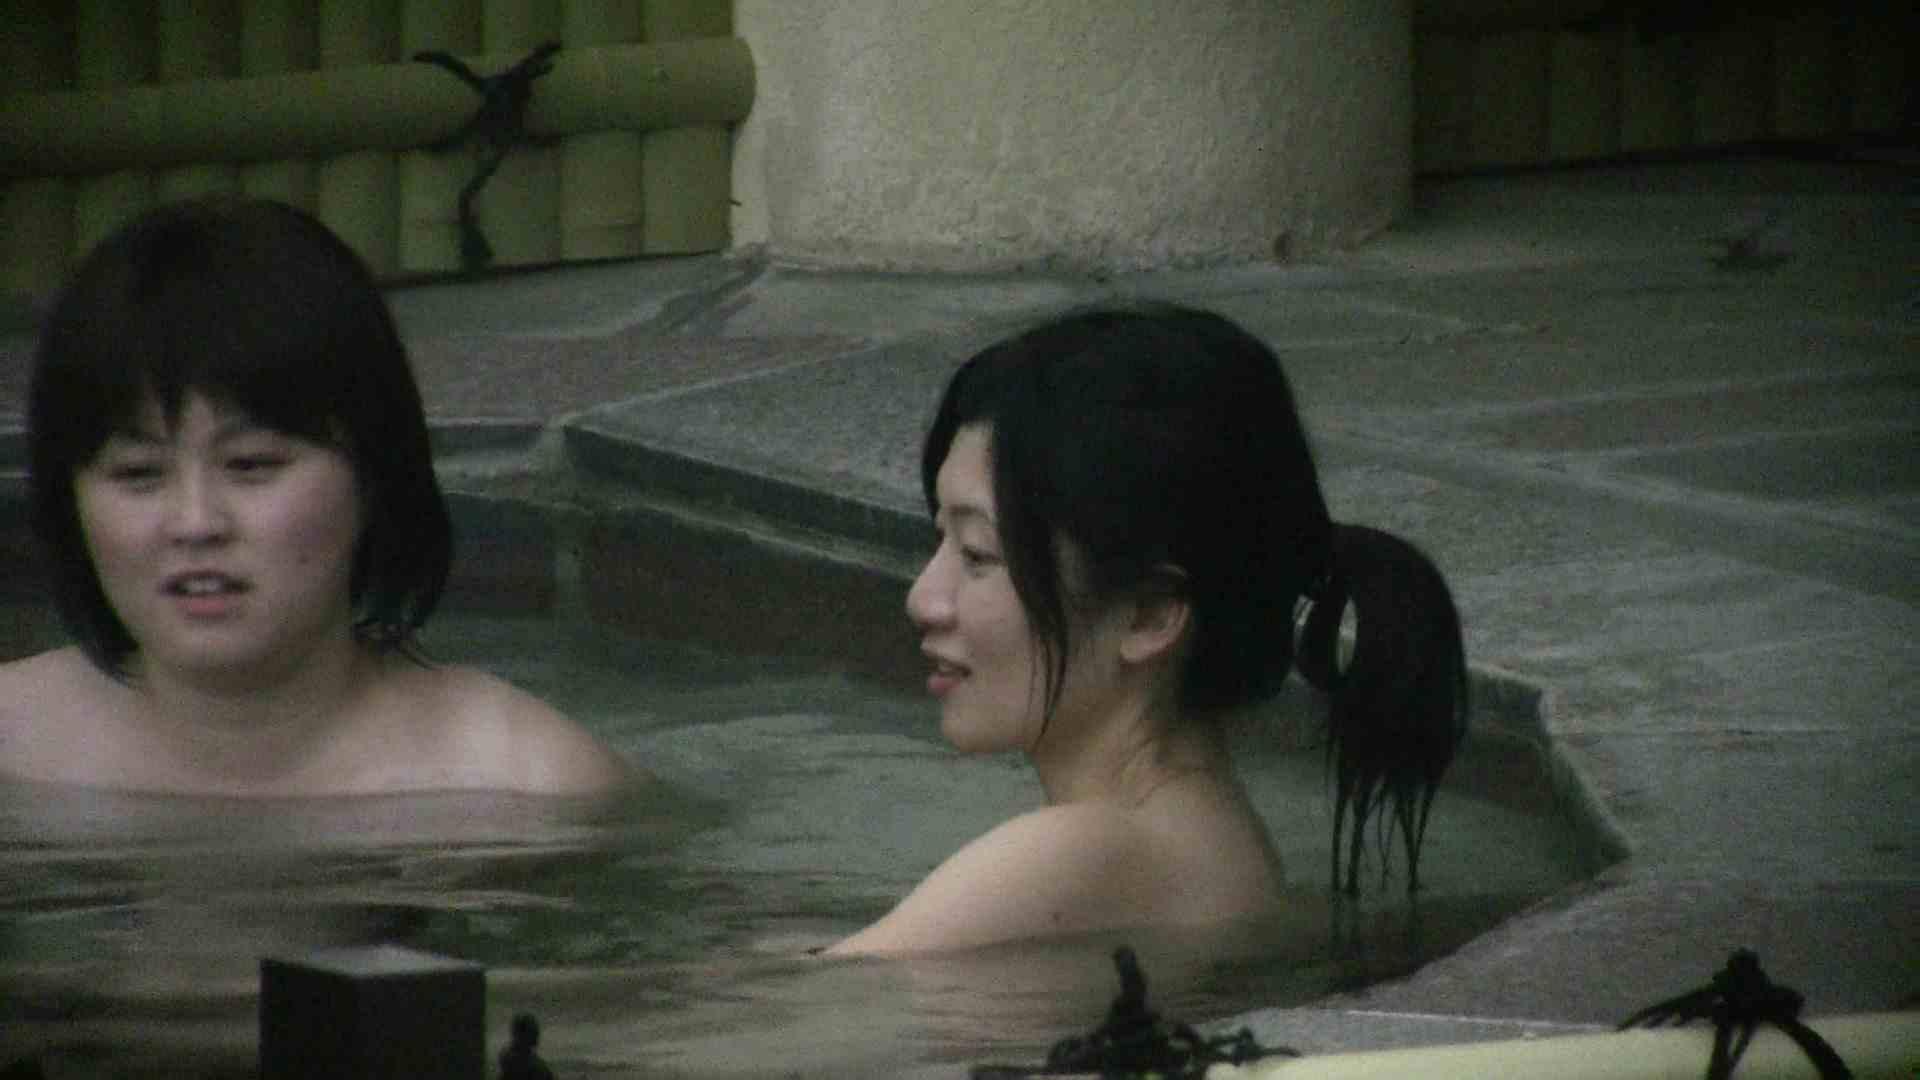 Aquaな露天風呂Vol.539 女体盗撮 隠し撮りおまんこ動画流出 88連発 68